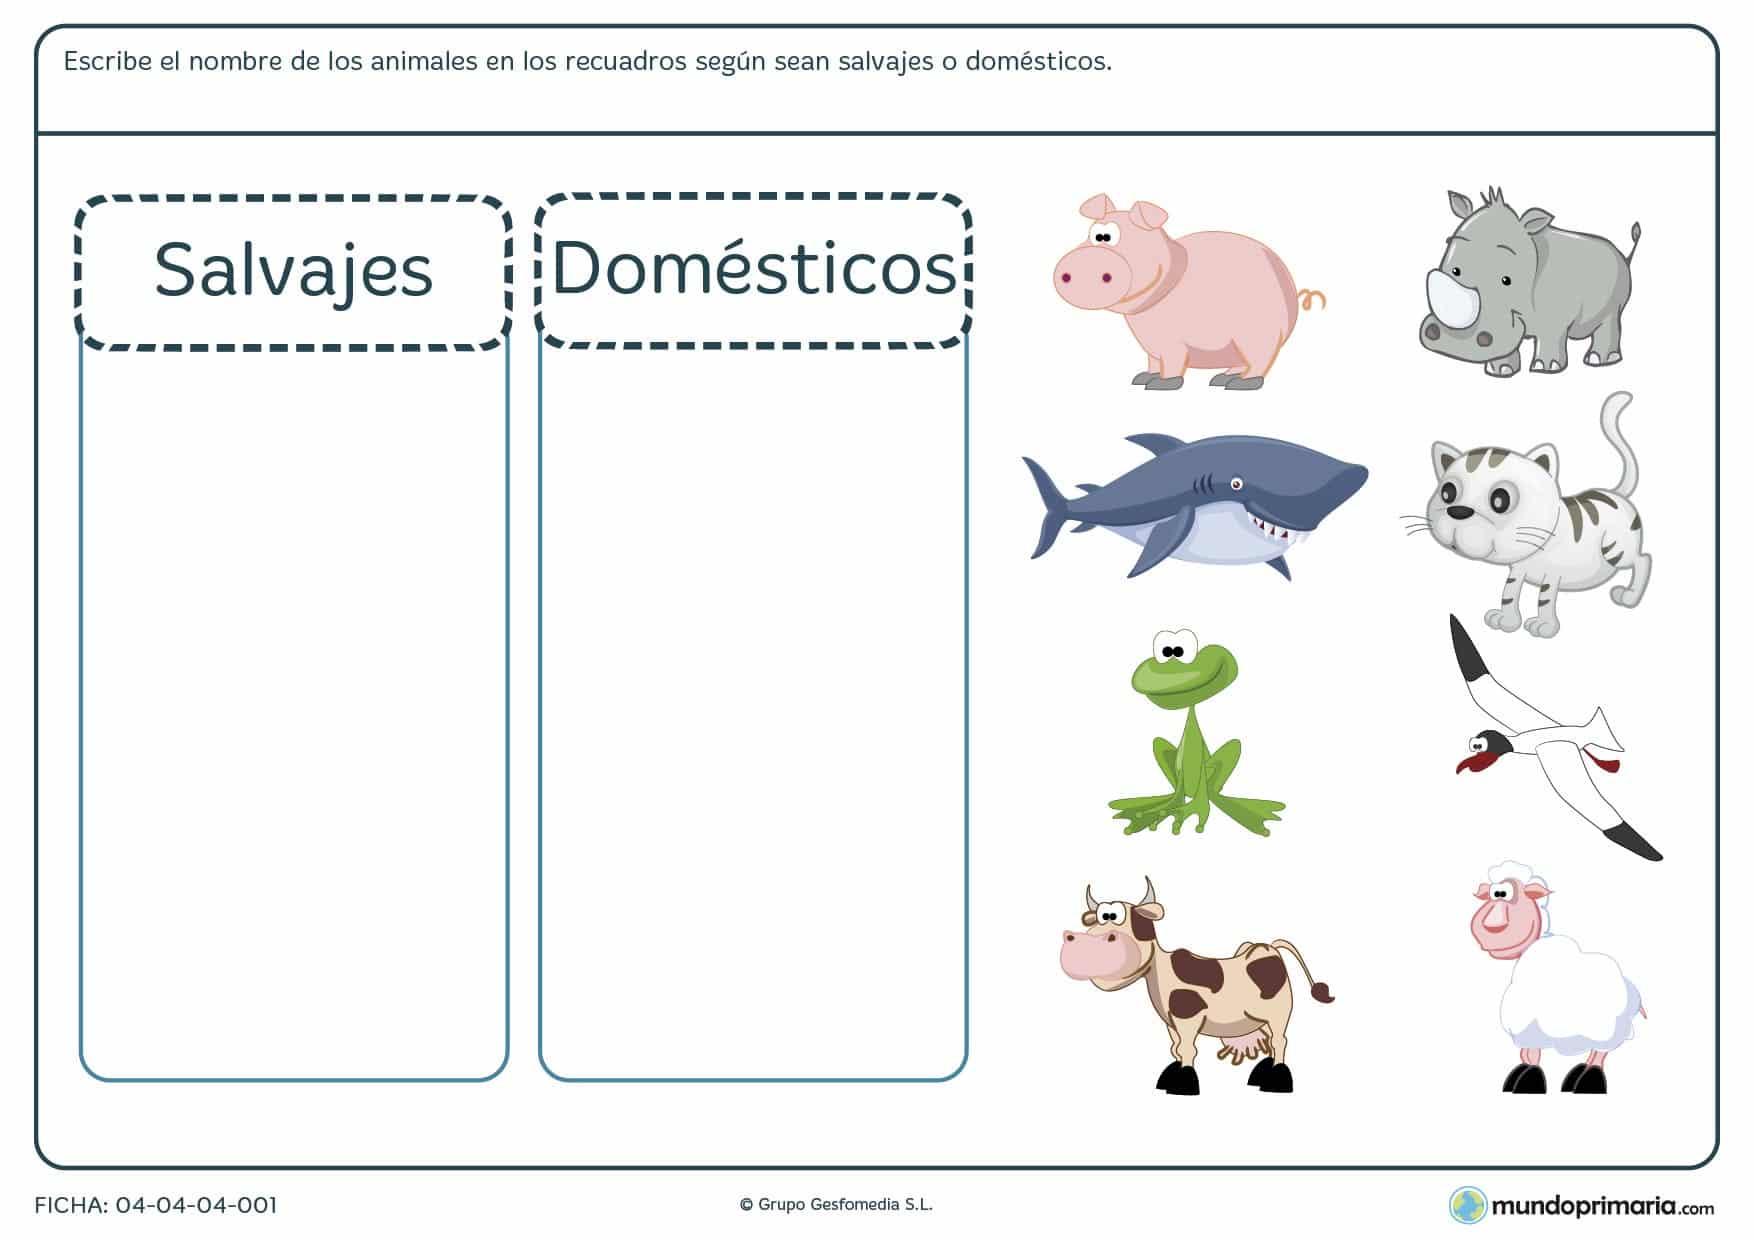 Ficha de animales en la que debes organizar en grupos, ya sean salvajes o domésticos, una serie de animales que te enseñamos.